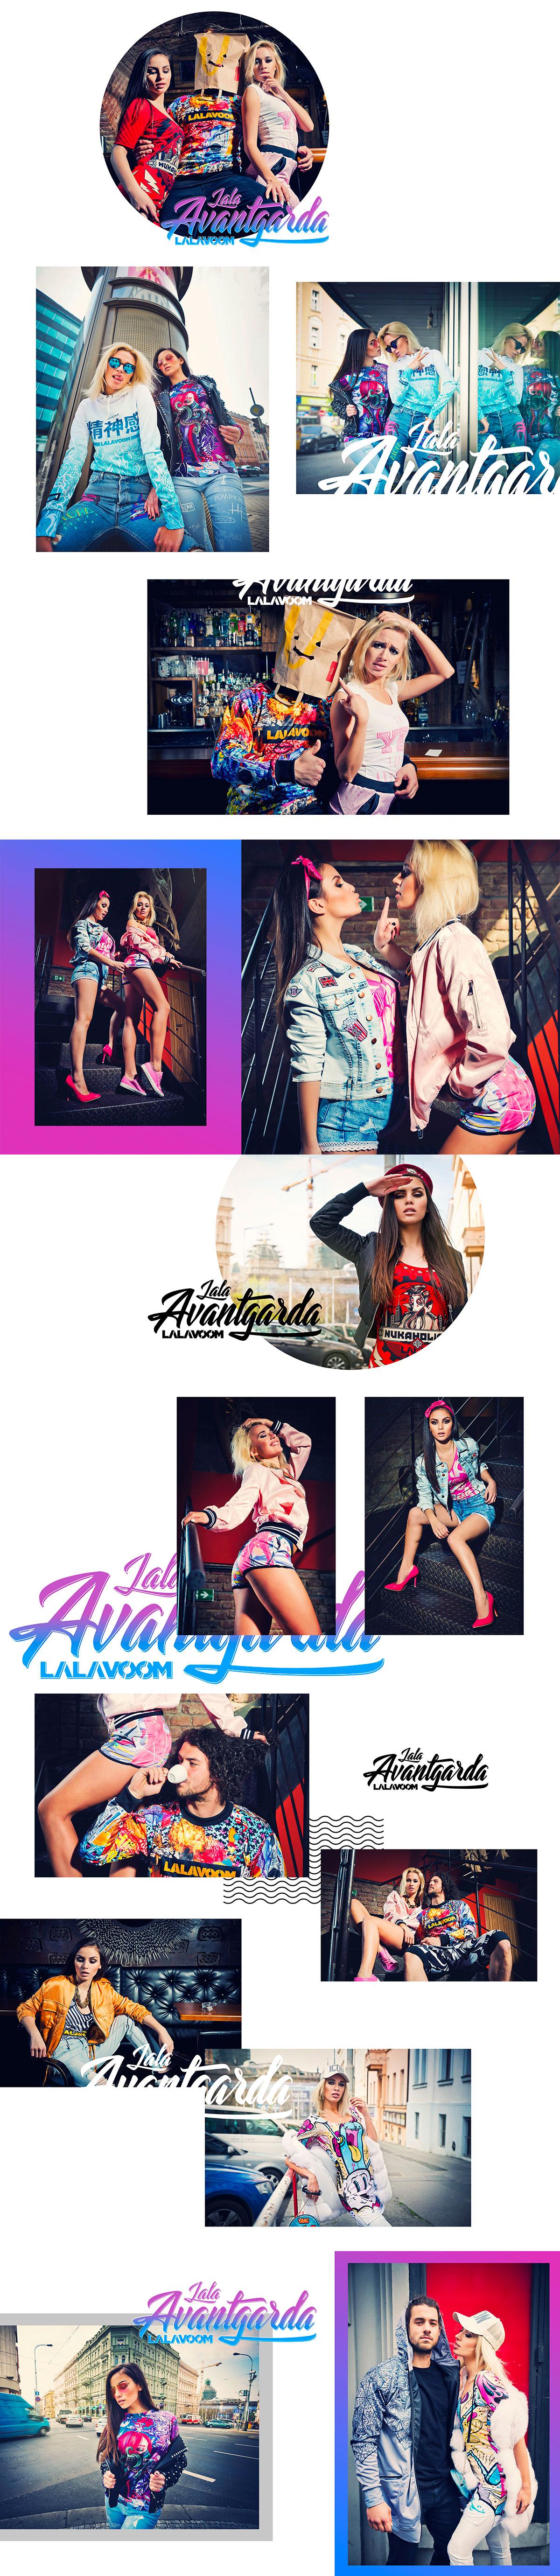 avantgarda-1200px-lookbook